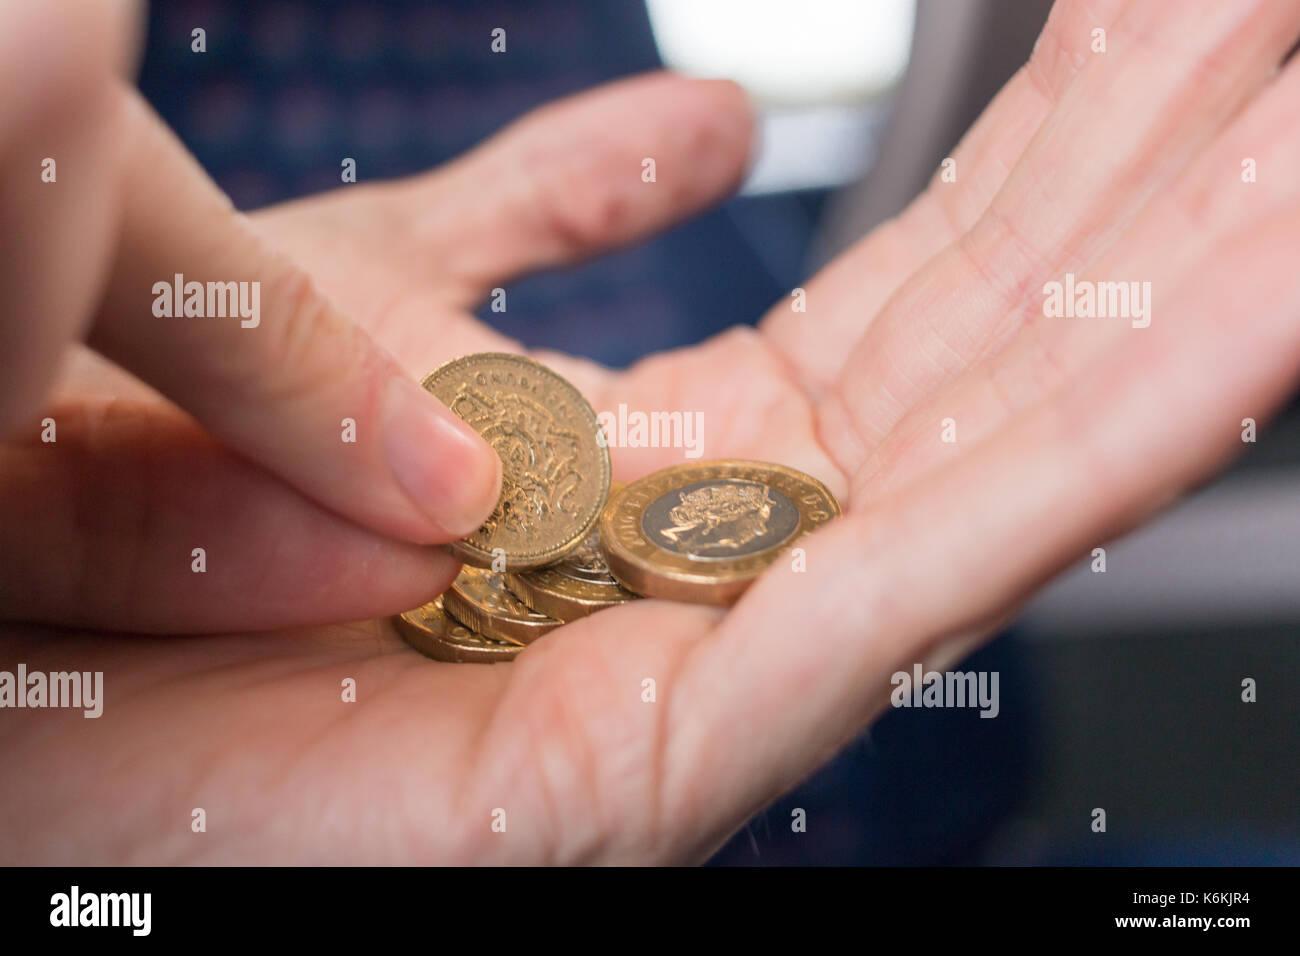 Sacando una vieja moneda libra de un puñado de nuevas monedas libra Imagen De Stock